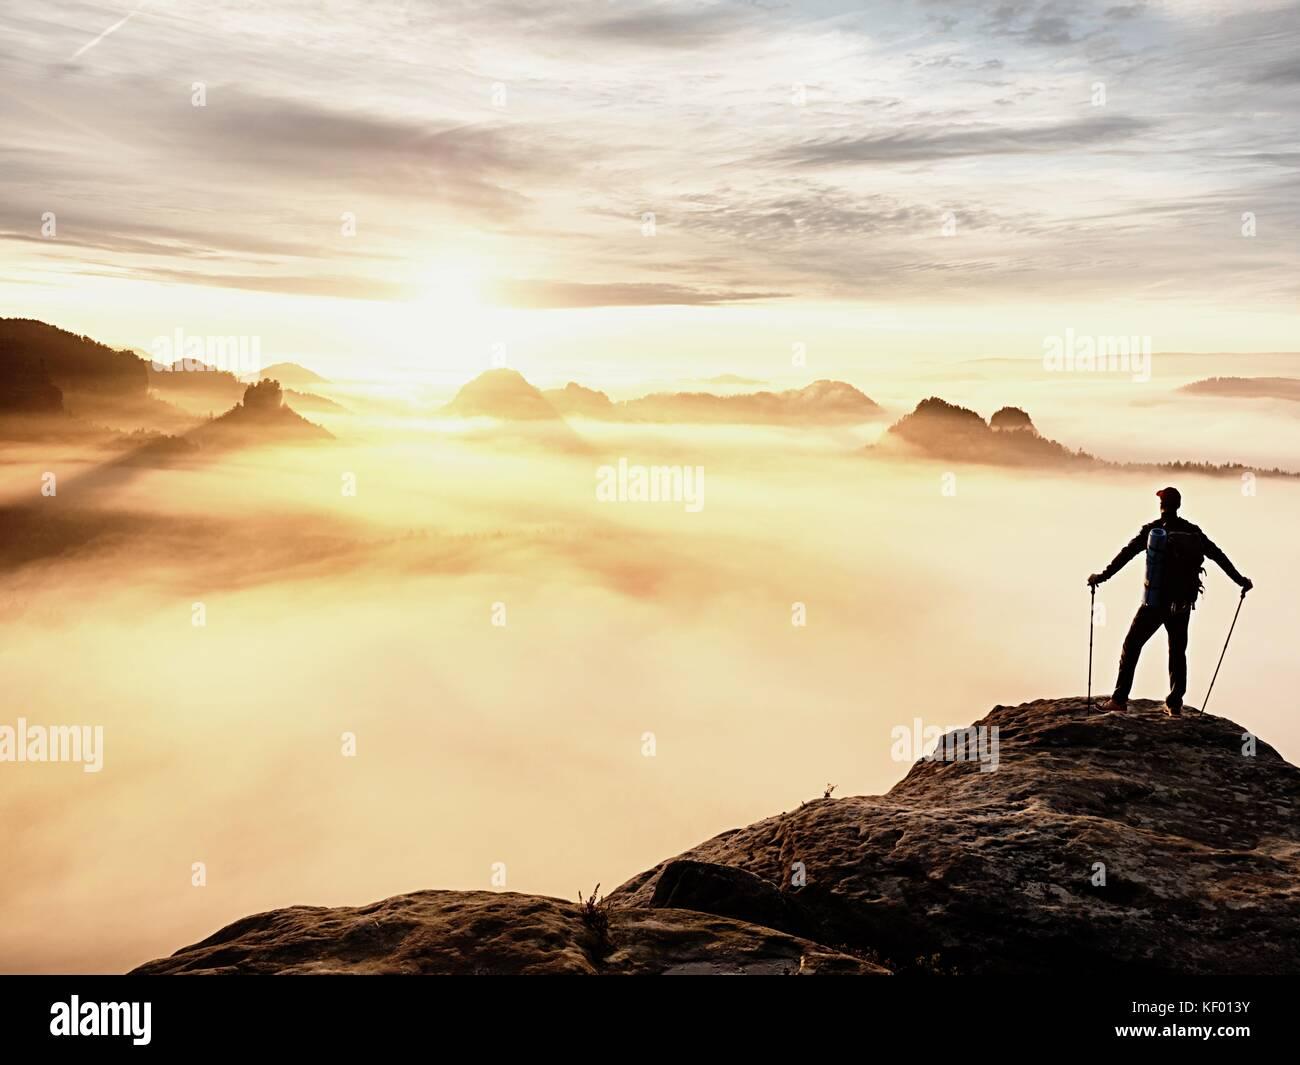 L'homme silhouette aux polonais en main. L'aube et le printemps ensoleillé séjour guide touristique Photo Stock